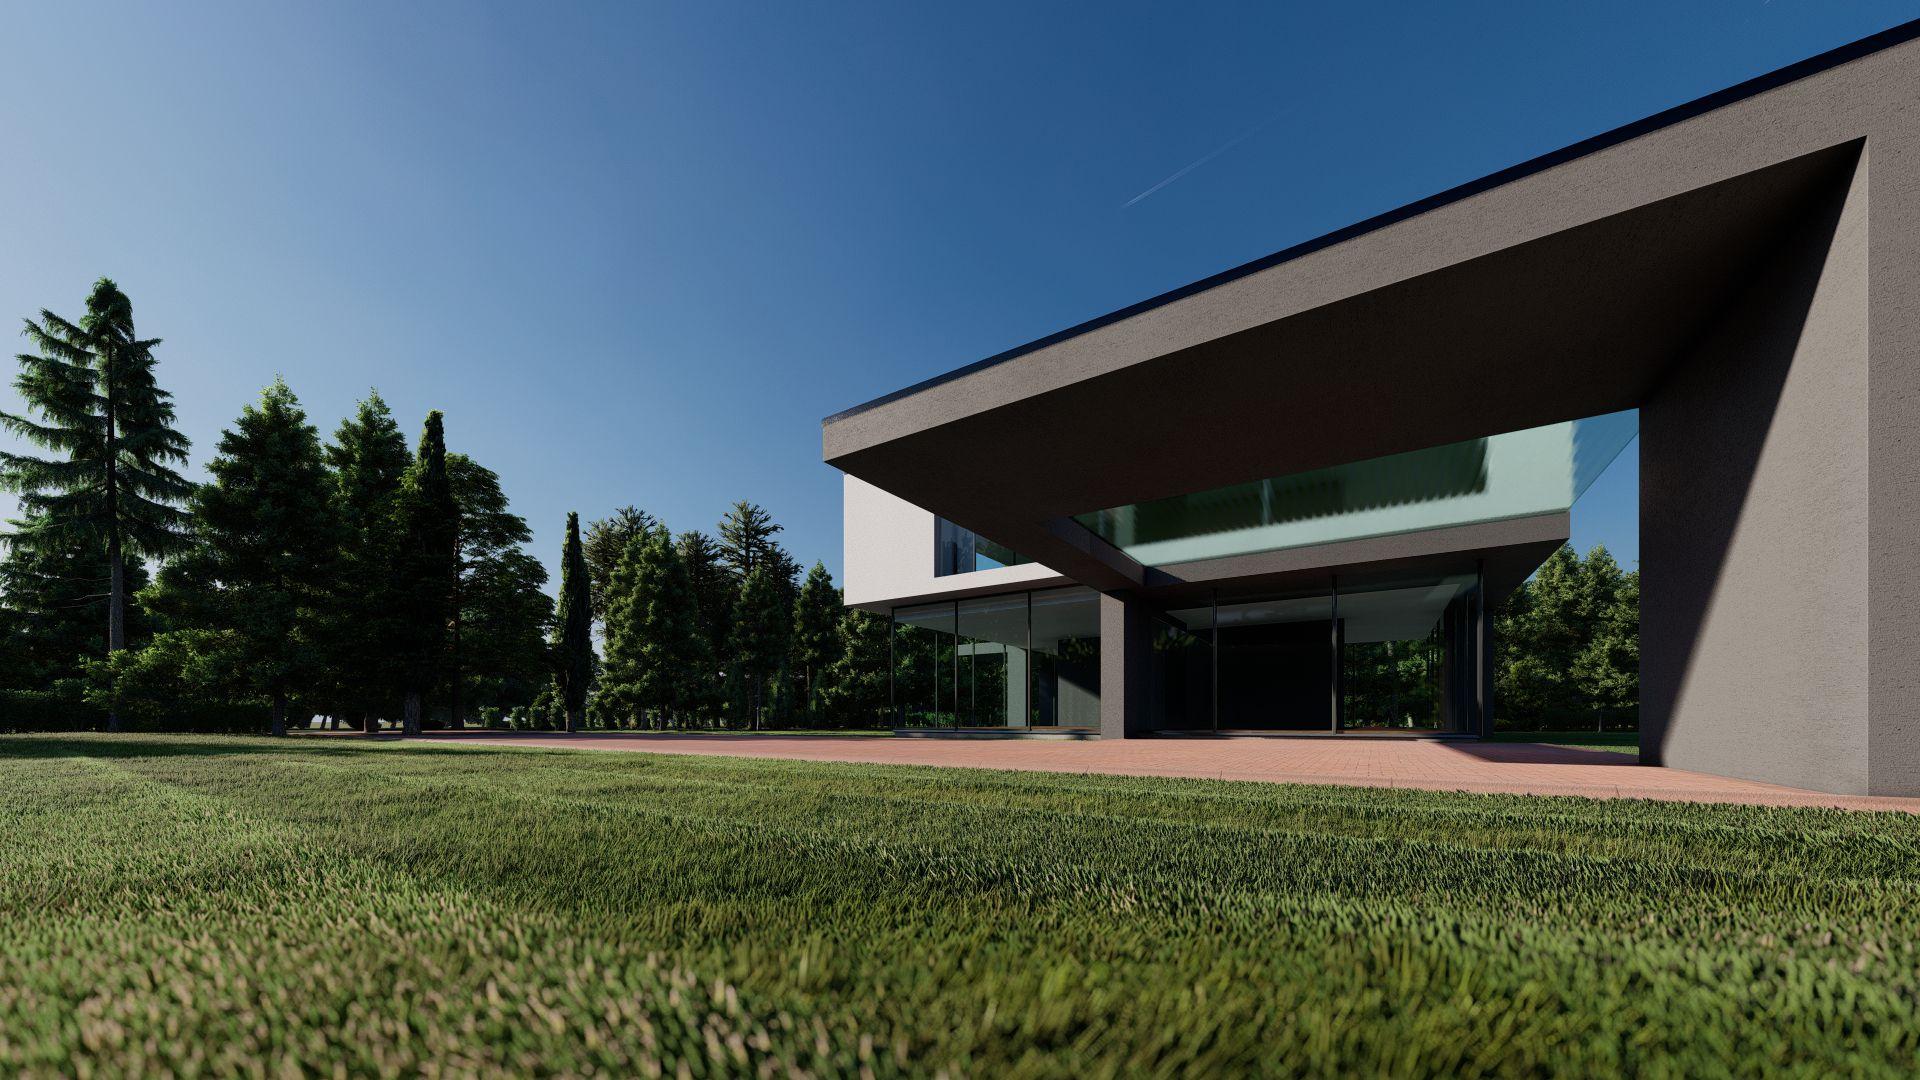 arhitektuurne 3d pilt hoone visualiseerimine 54